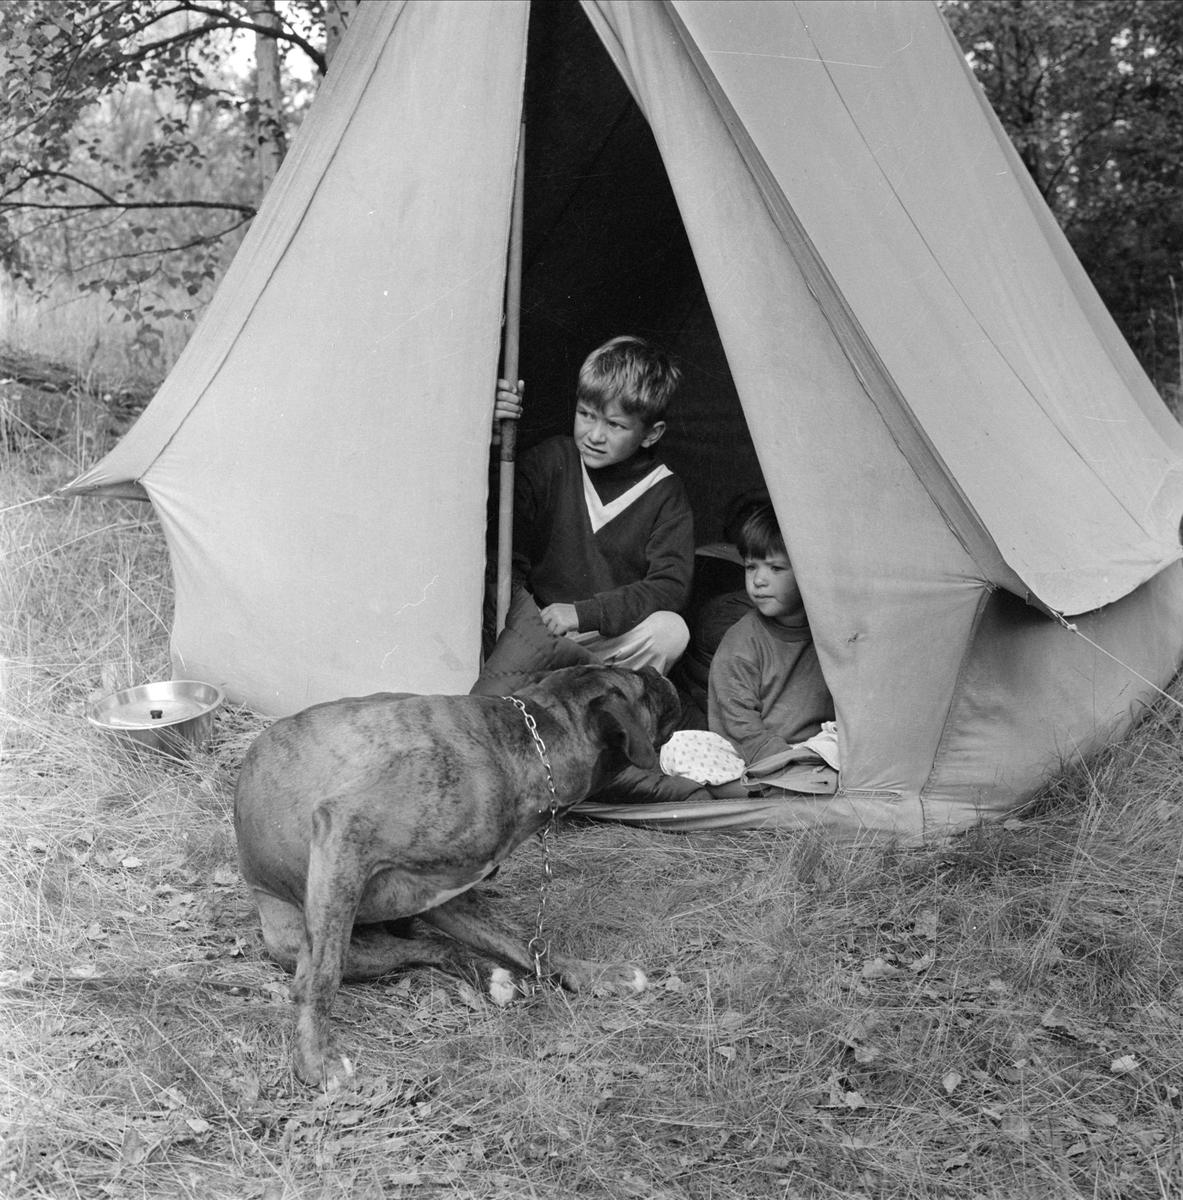 Hund och barn i tält på campingplats, sannolikt Uppland